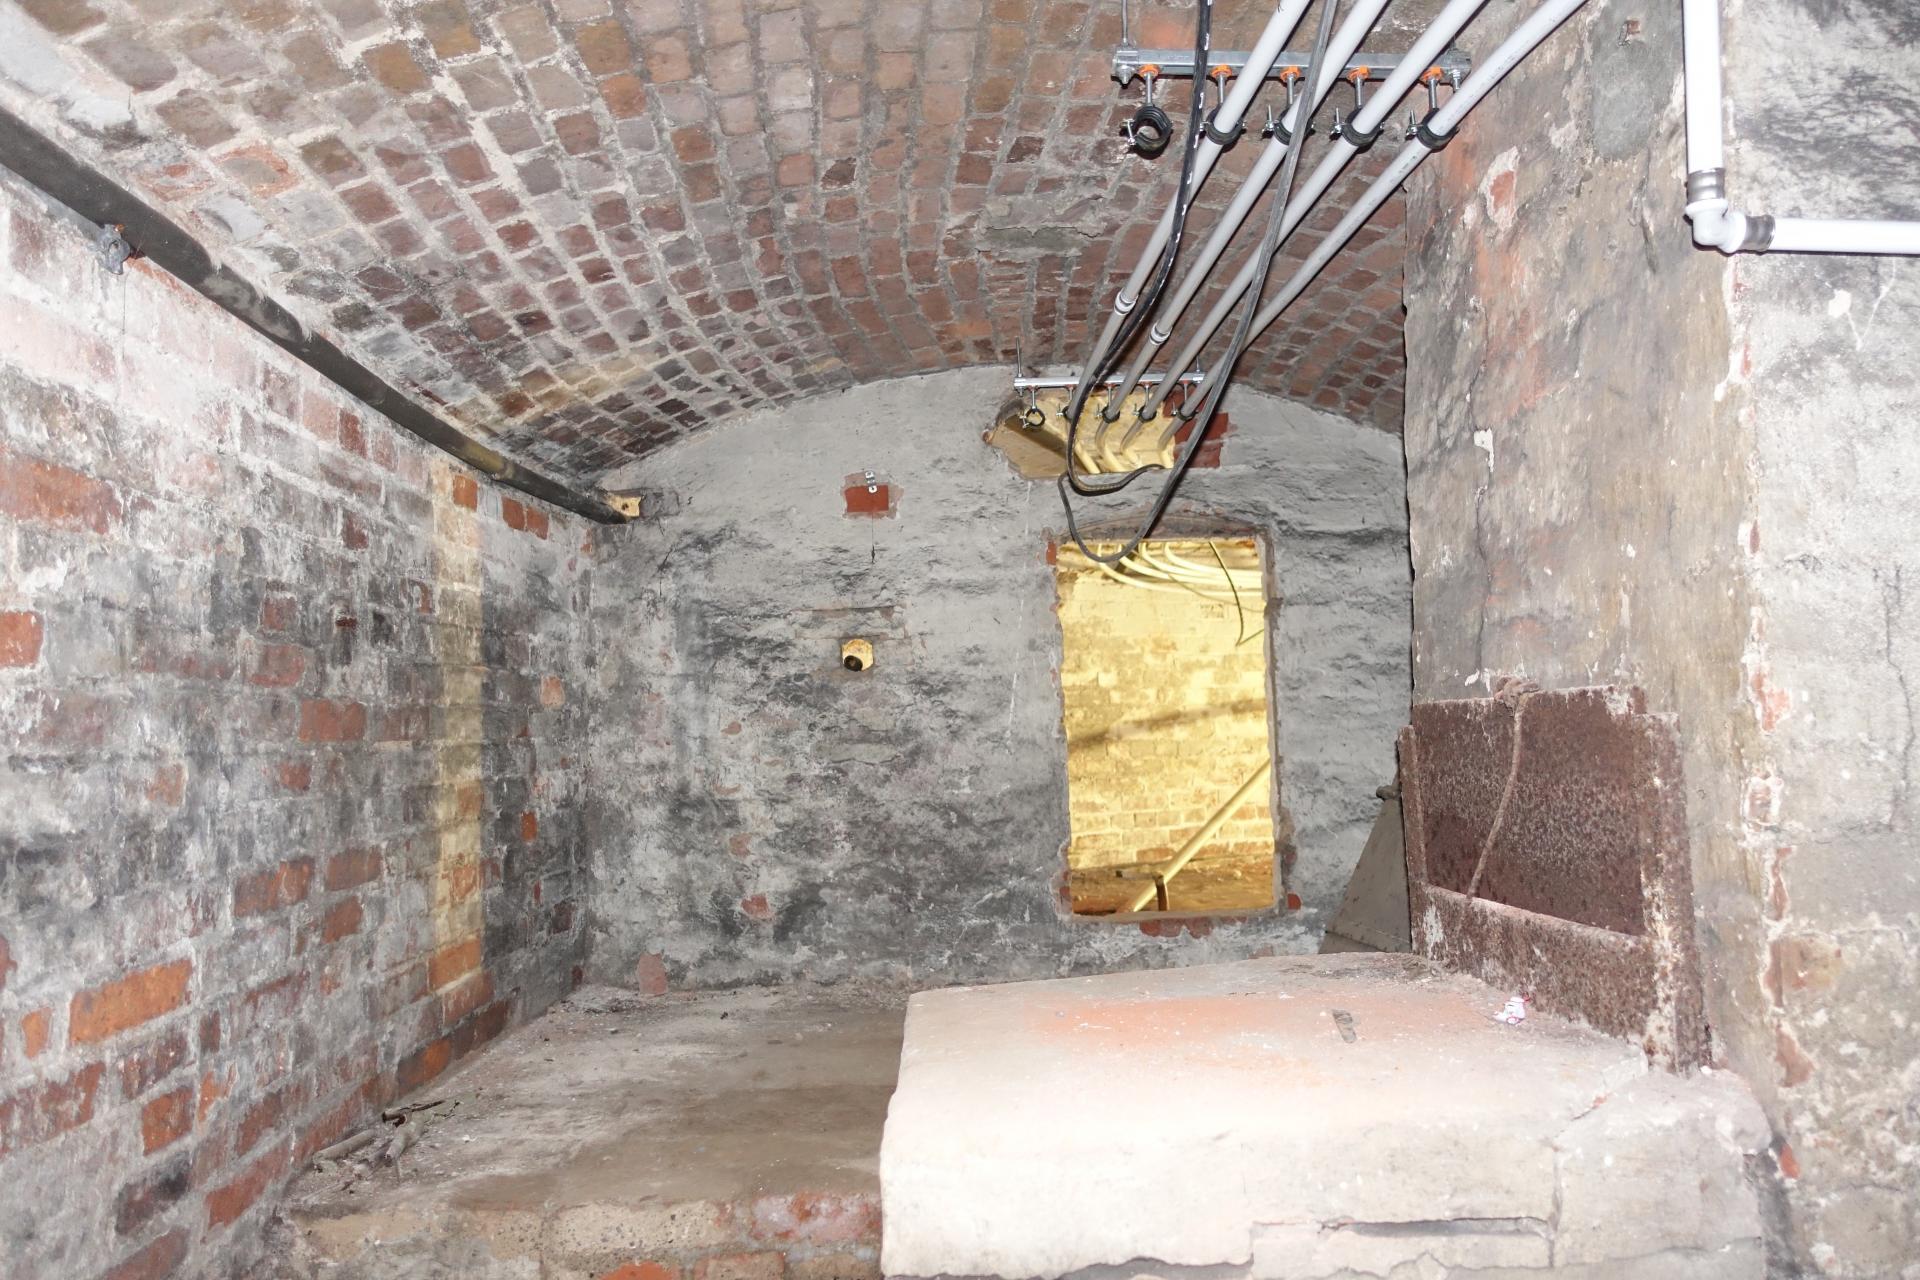 Bild 059 zeigt die Flächenheizungsrohre unterhalb der Kinderkirche und dem Mittelschiff vor dem Chorraum